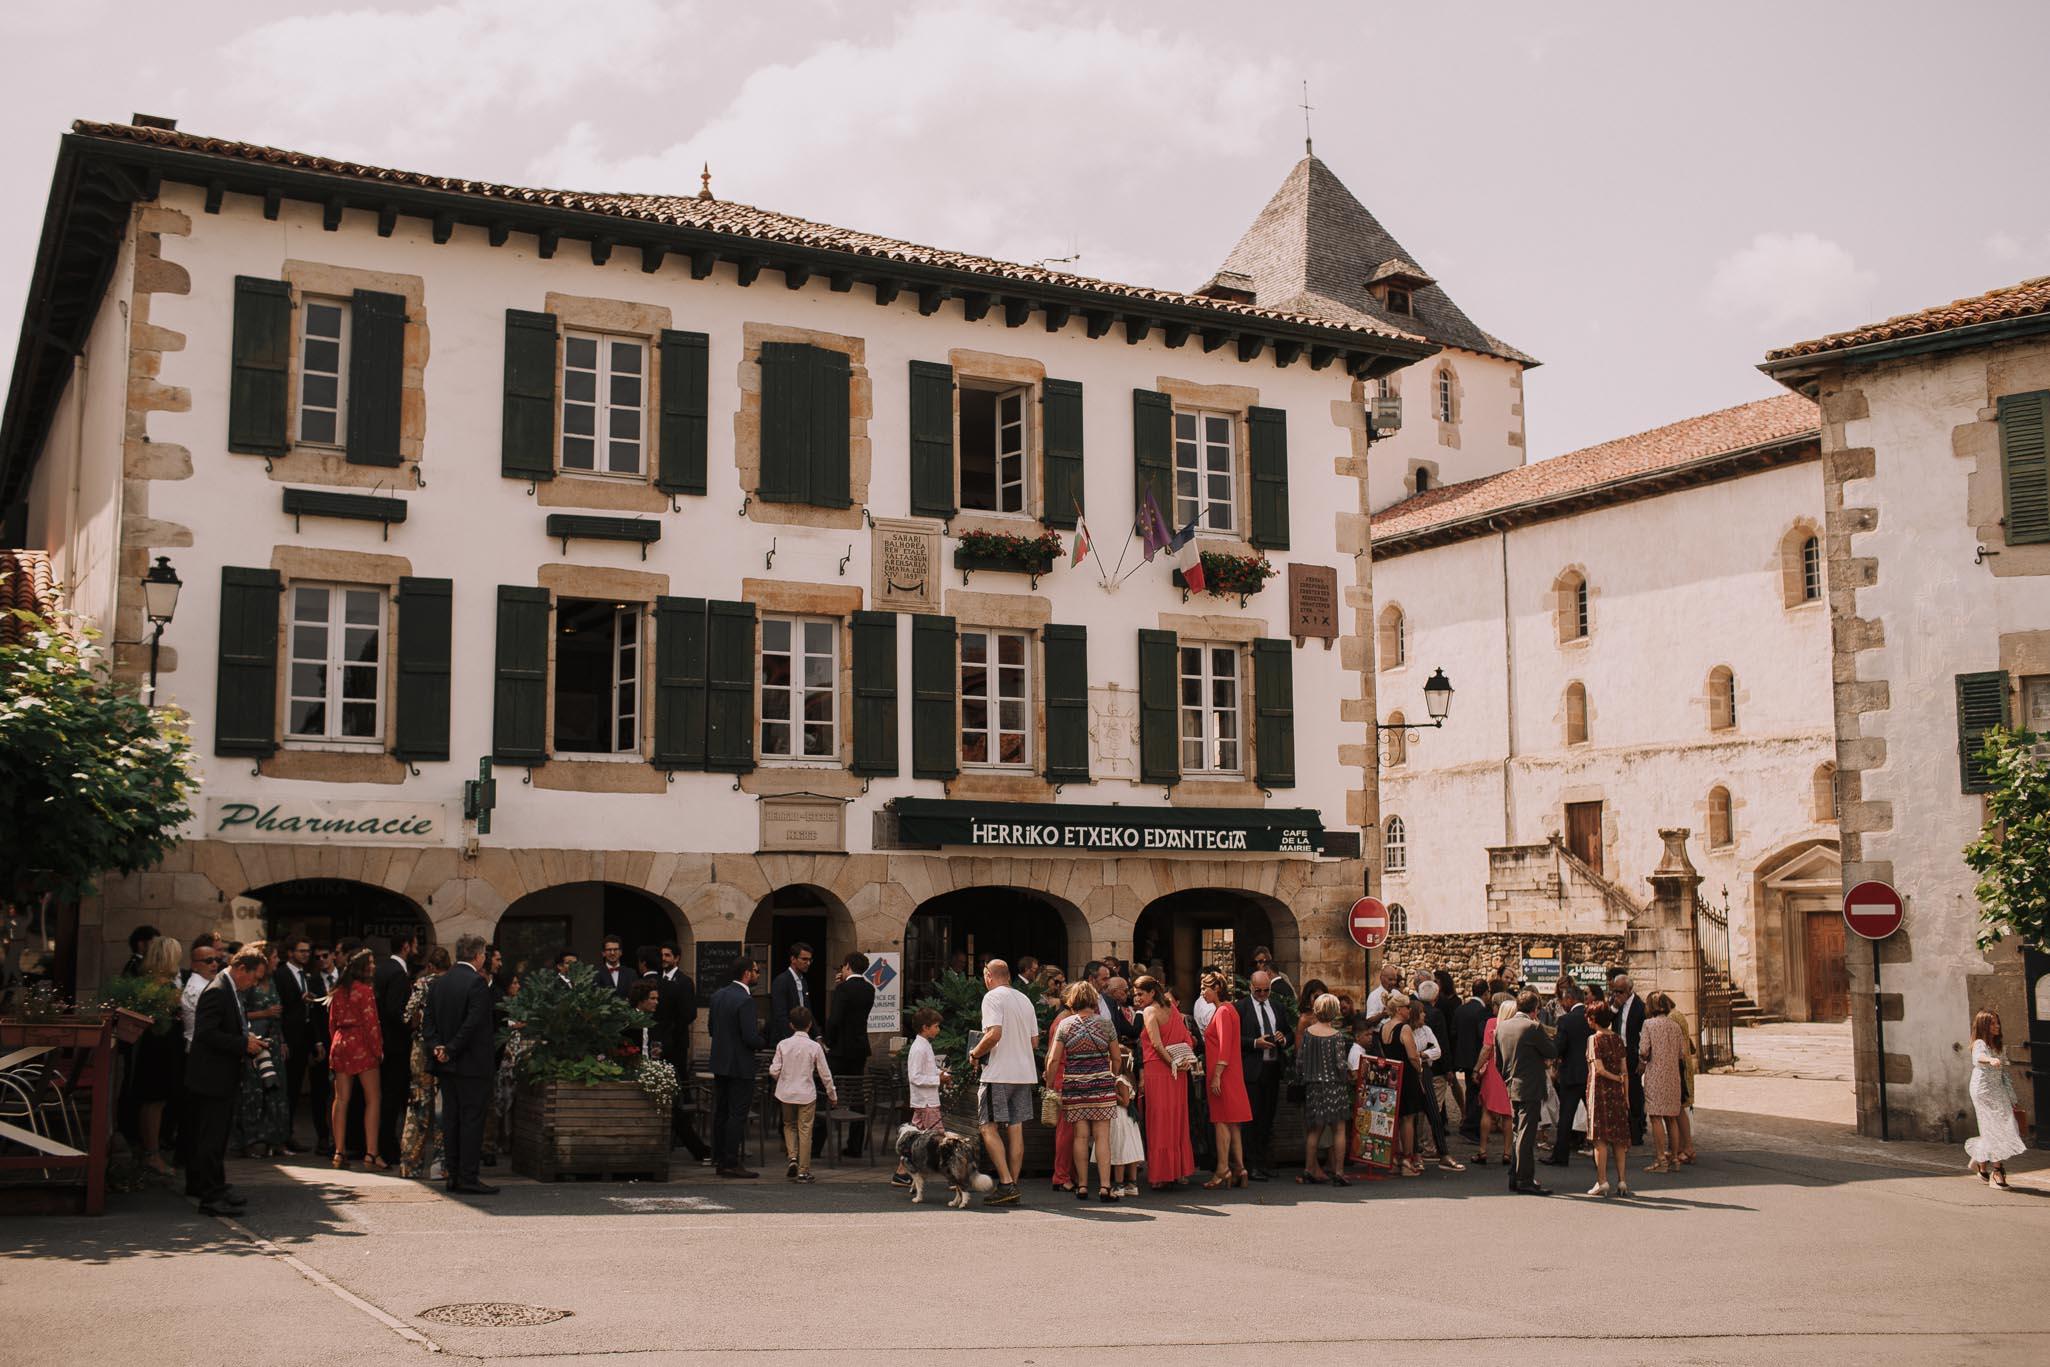 Photographe-mariage-bordeaux-jeremy-boyer-pays-basque-ihartze-artea-sare-robe-eleonore-pauc-couple-amour-47.jpg